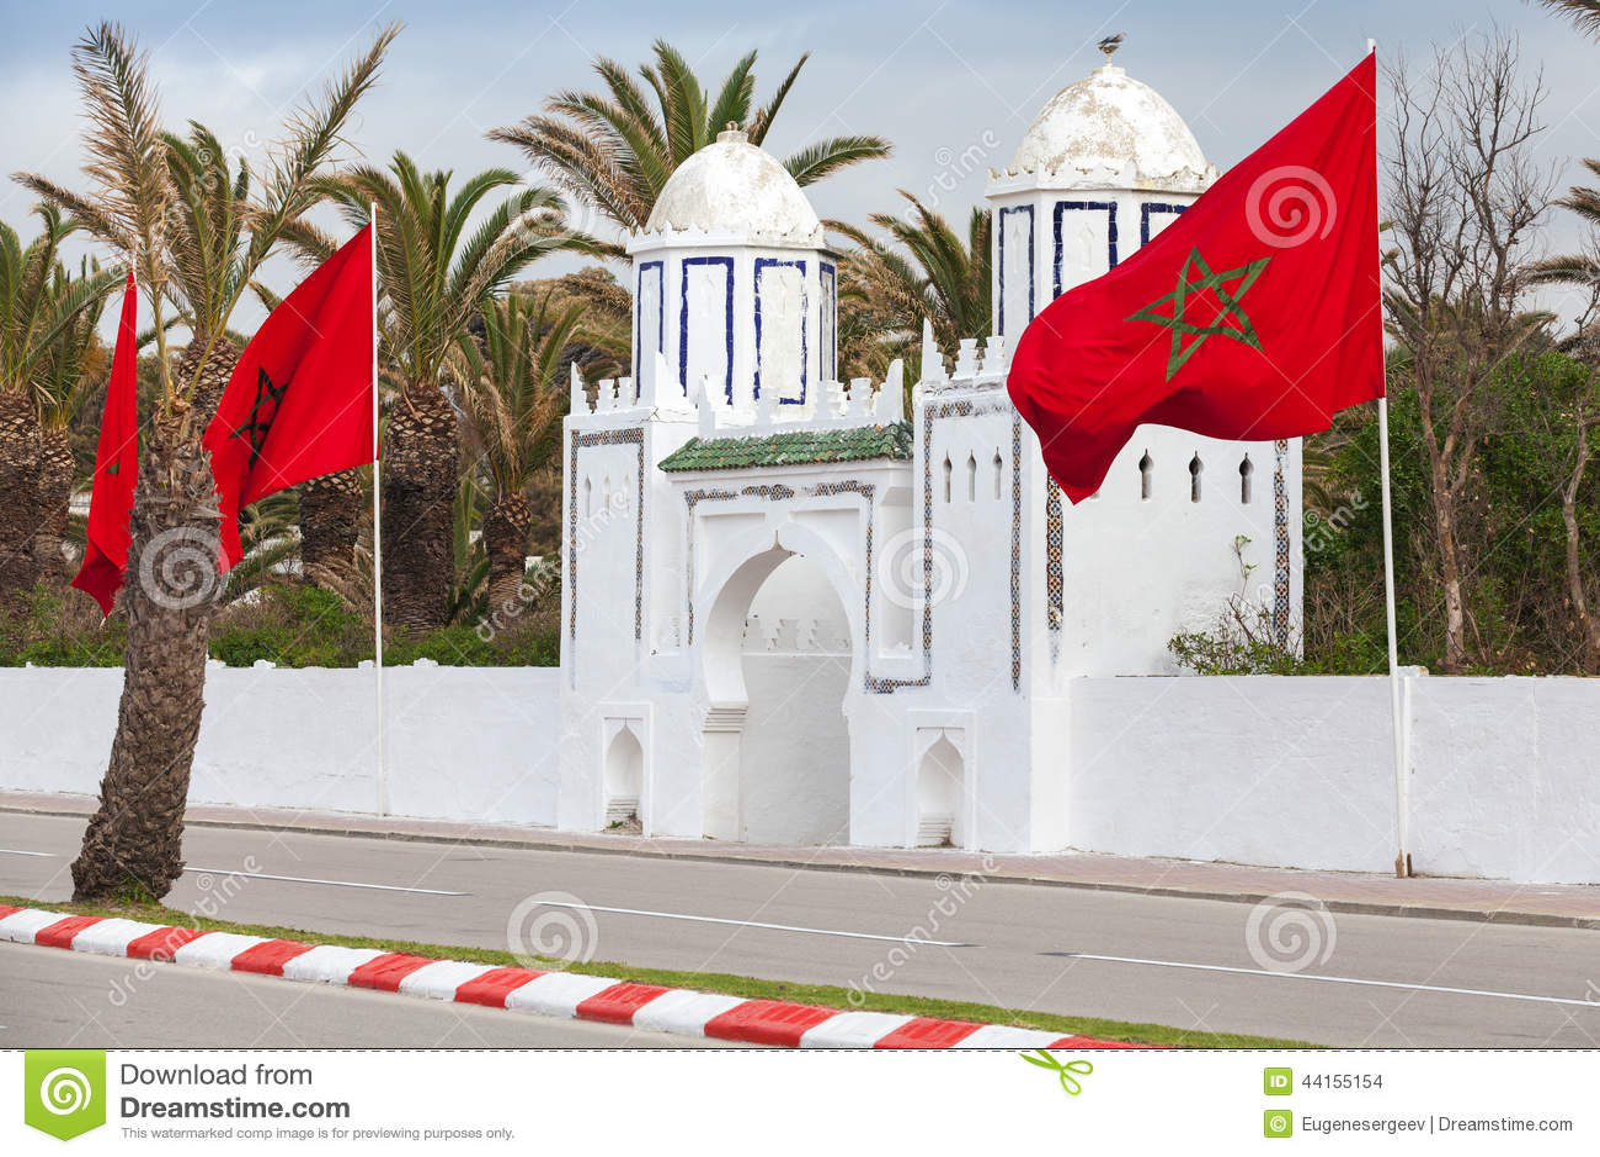 Portone bianco antico al parco a Tangeri, Marocco